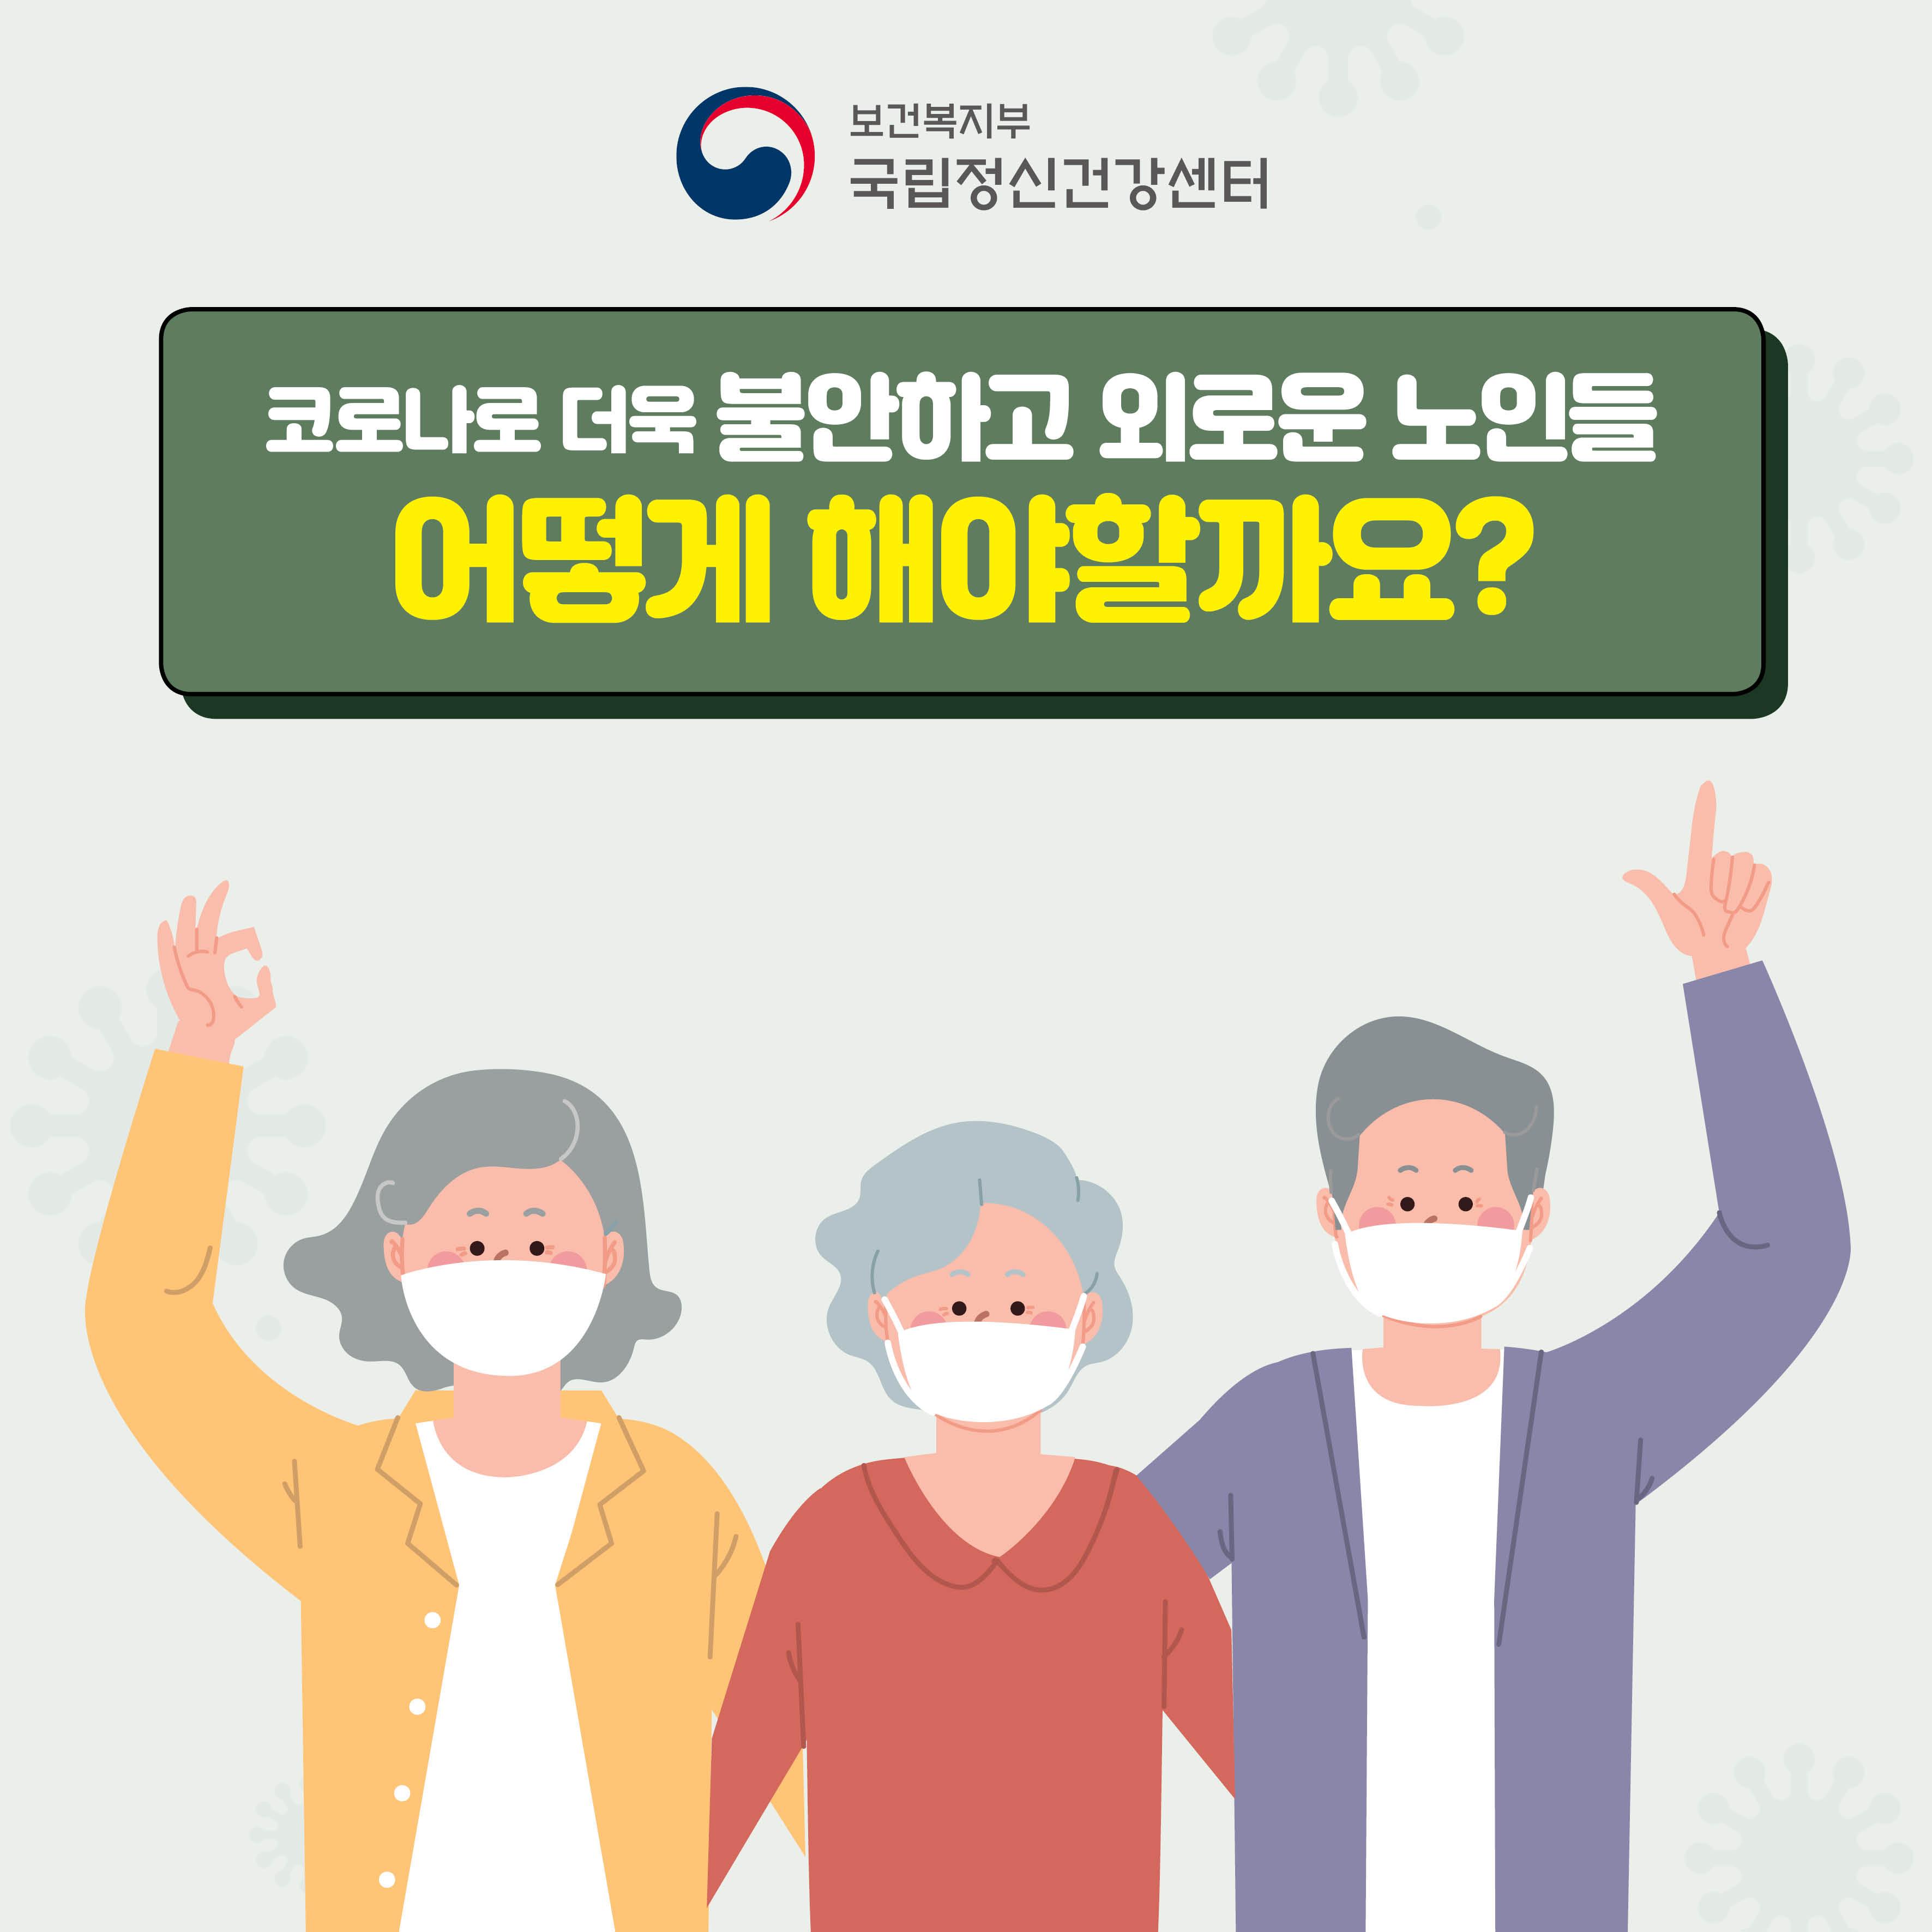 코로나로 더욱 불안하고 외로운 노인들 어떻게 해야할까요?